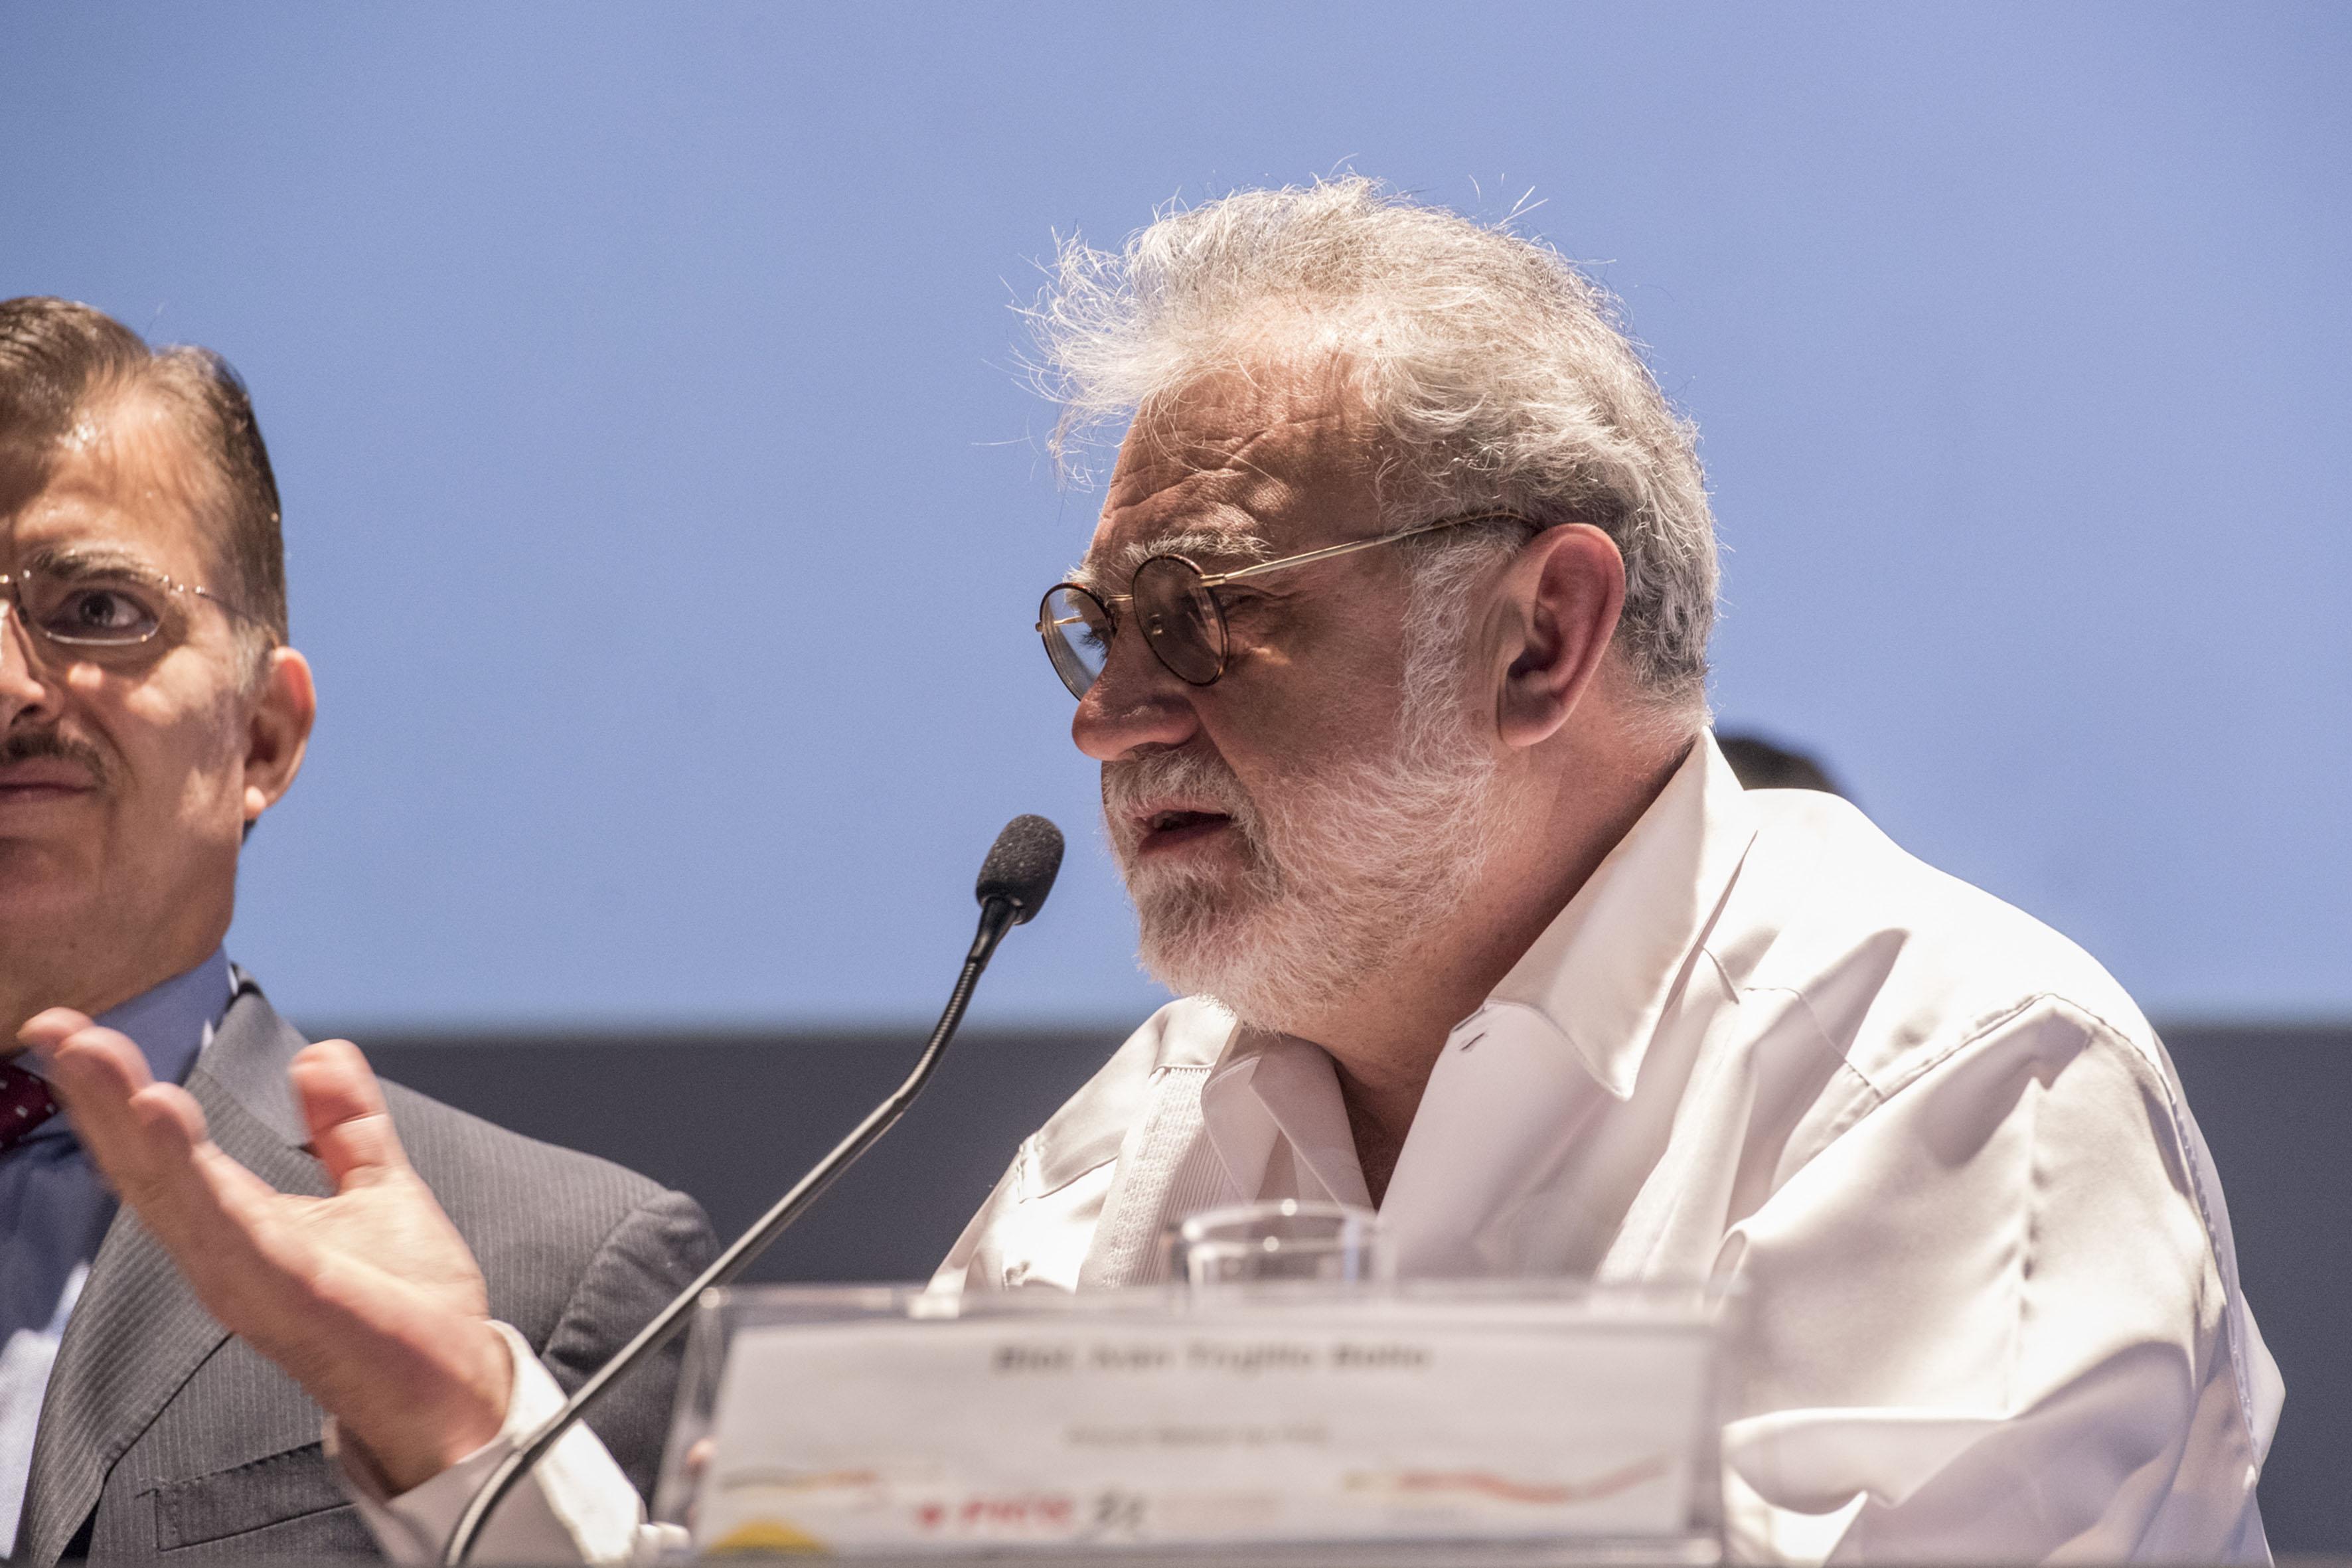 El presidente general de la FICG, el biólogo Iván Trujillo Bolio; con micrófono en mesa del panel, haciendo uso de la palabra.